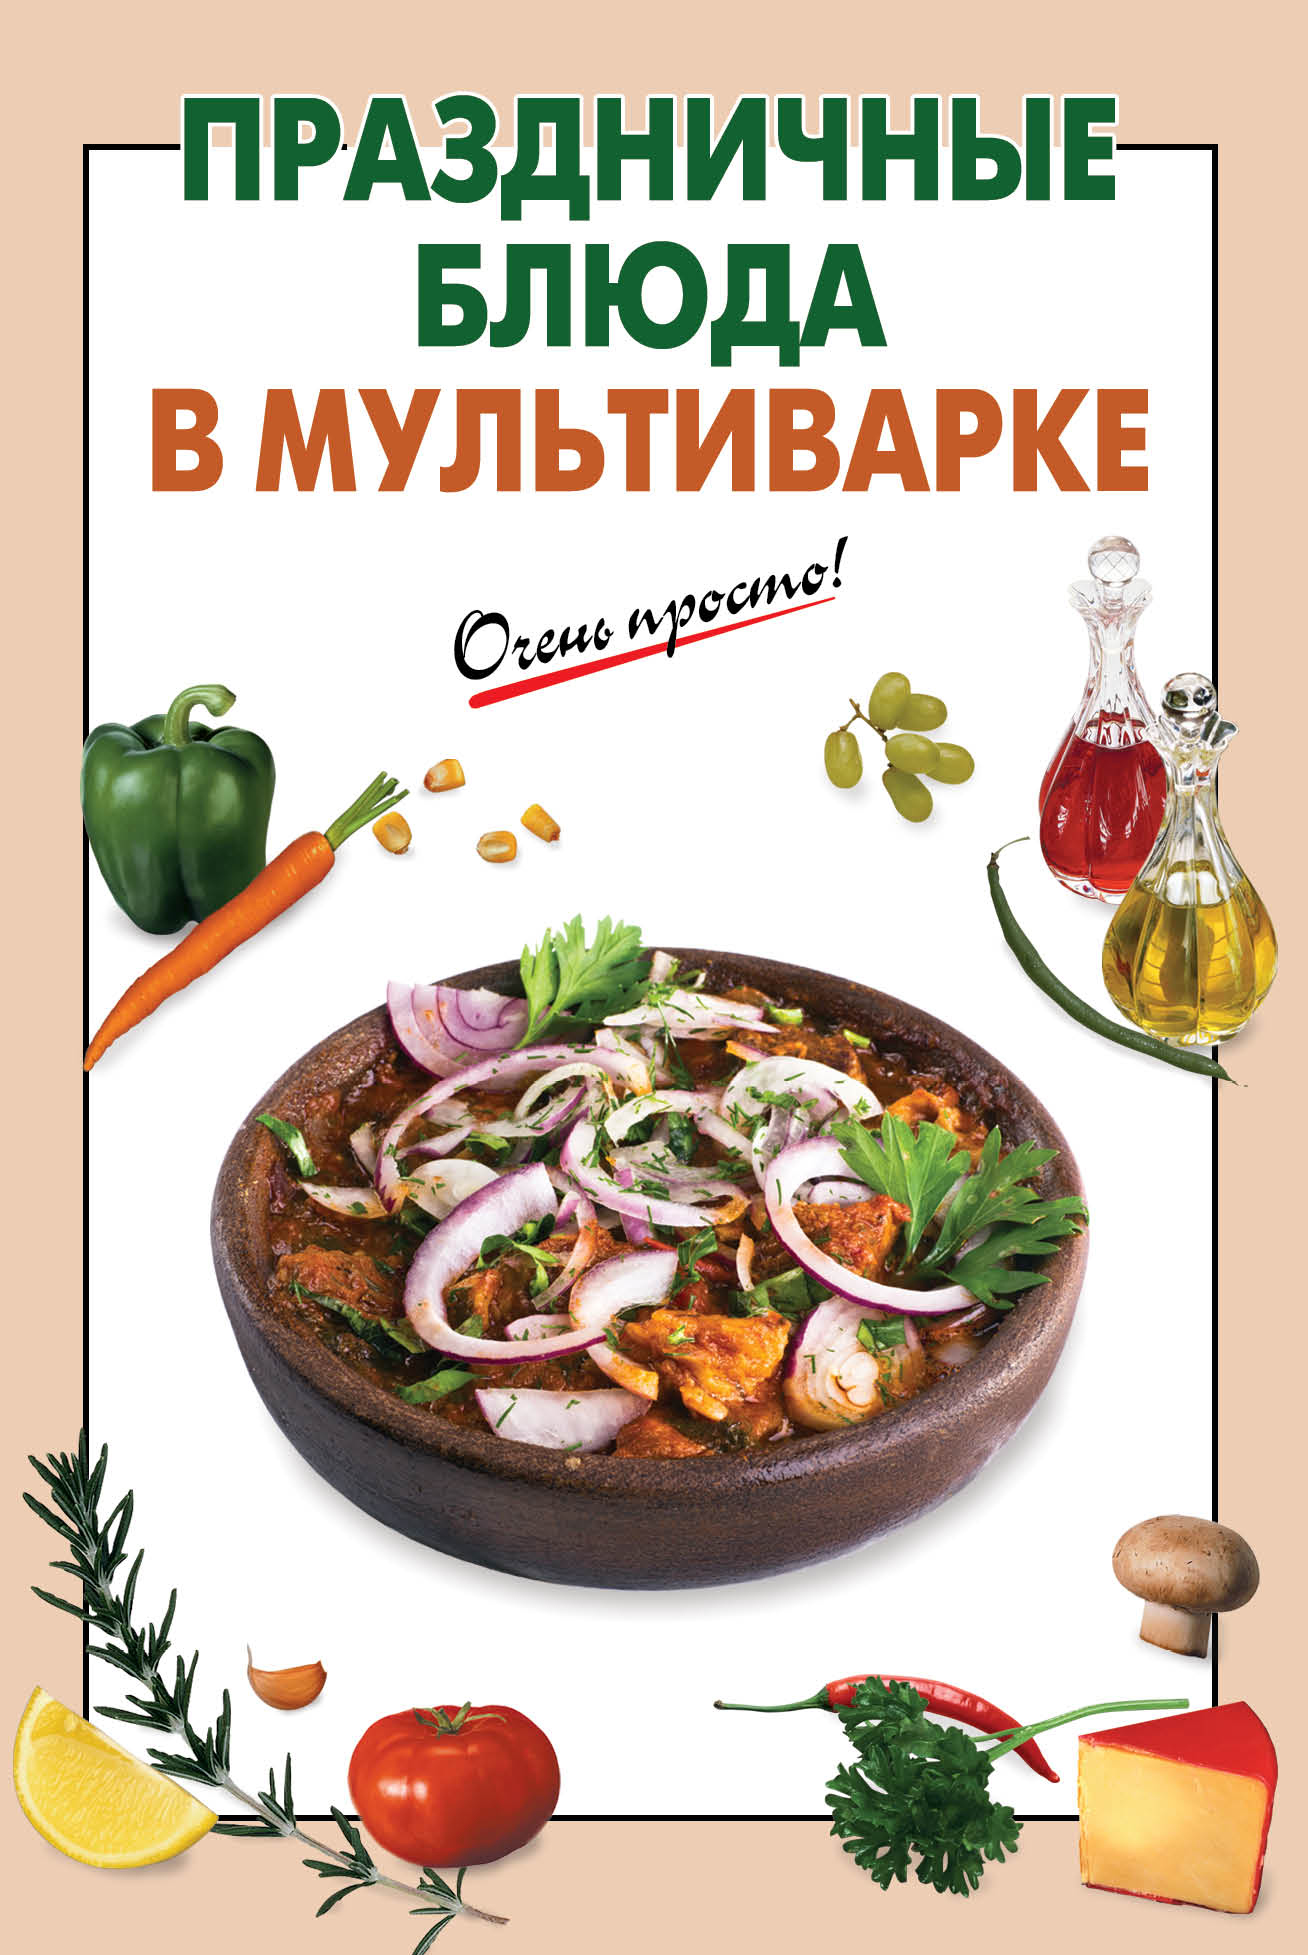 Блюда в мультиварке книга скачать